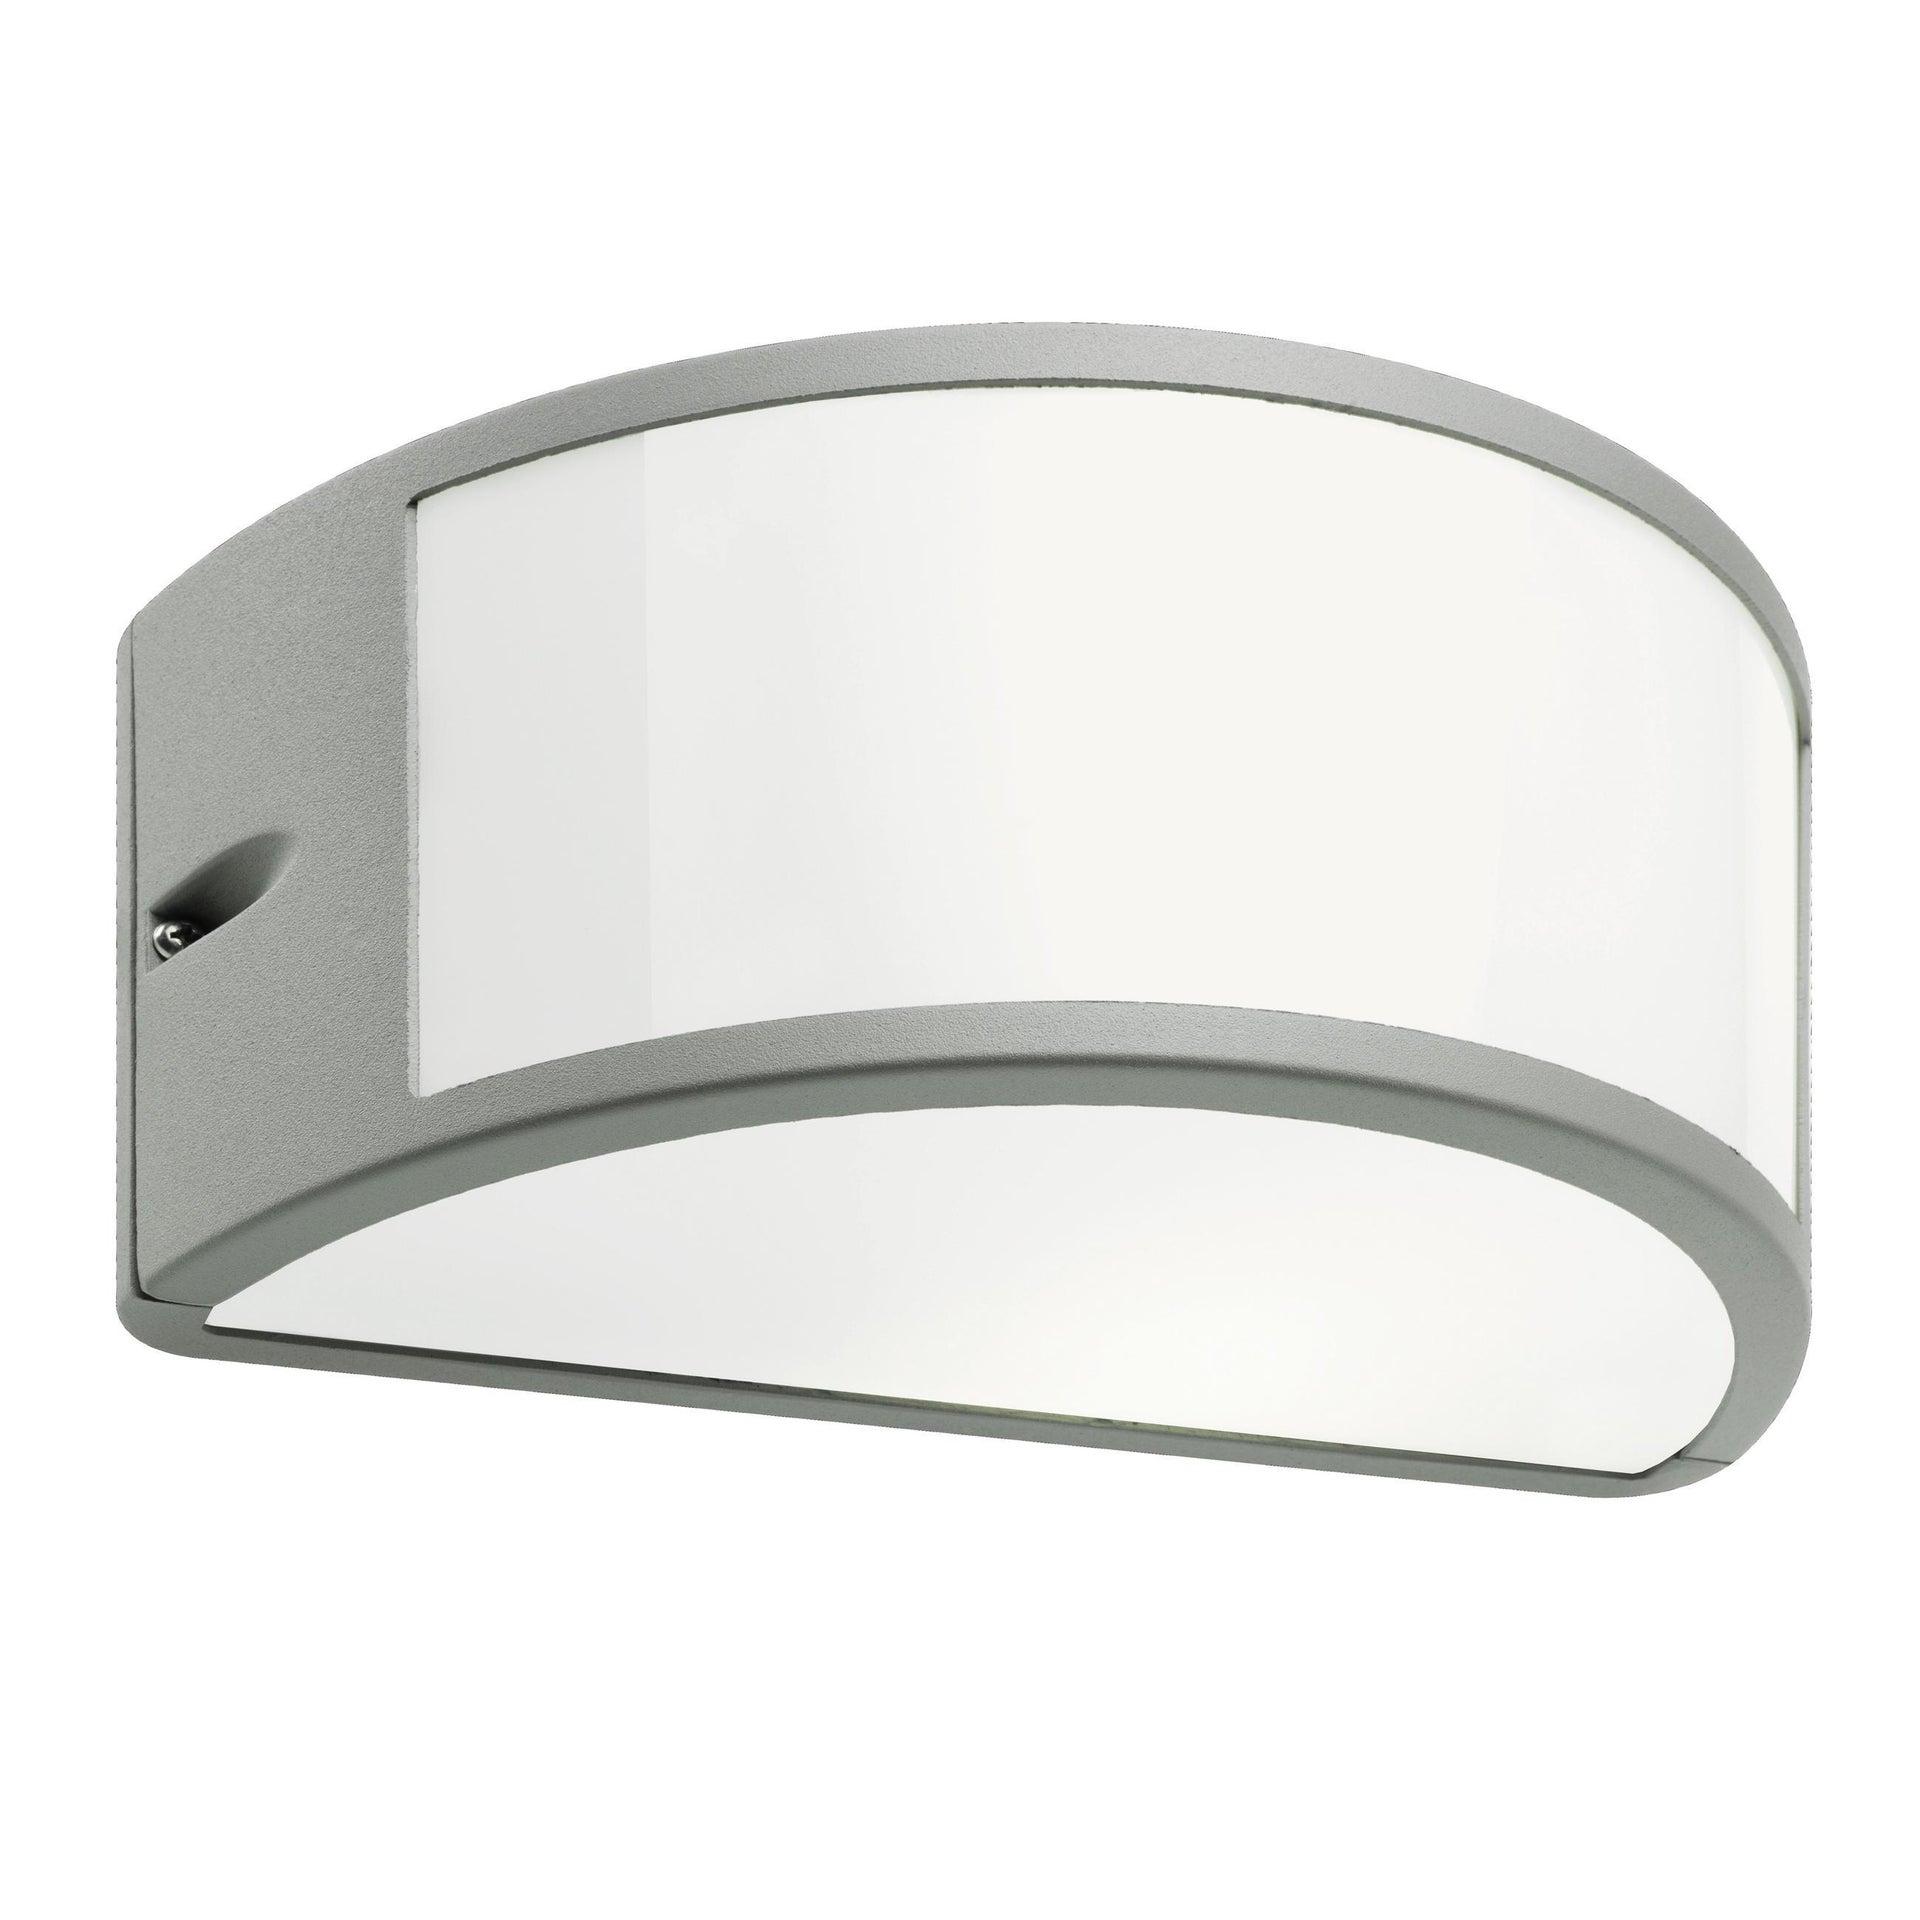 Applique Umbe in alluminio, bianco e grigio, E27 MAX60W IP54 - 2